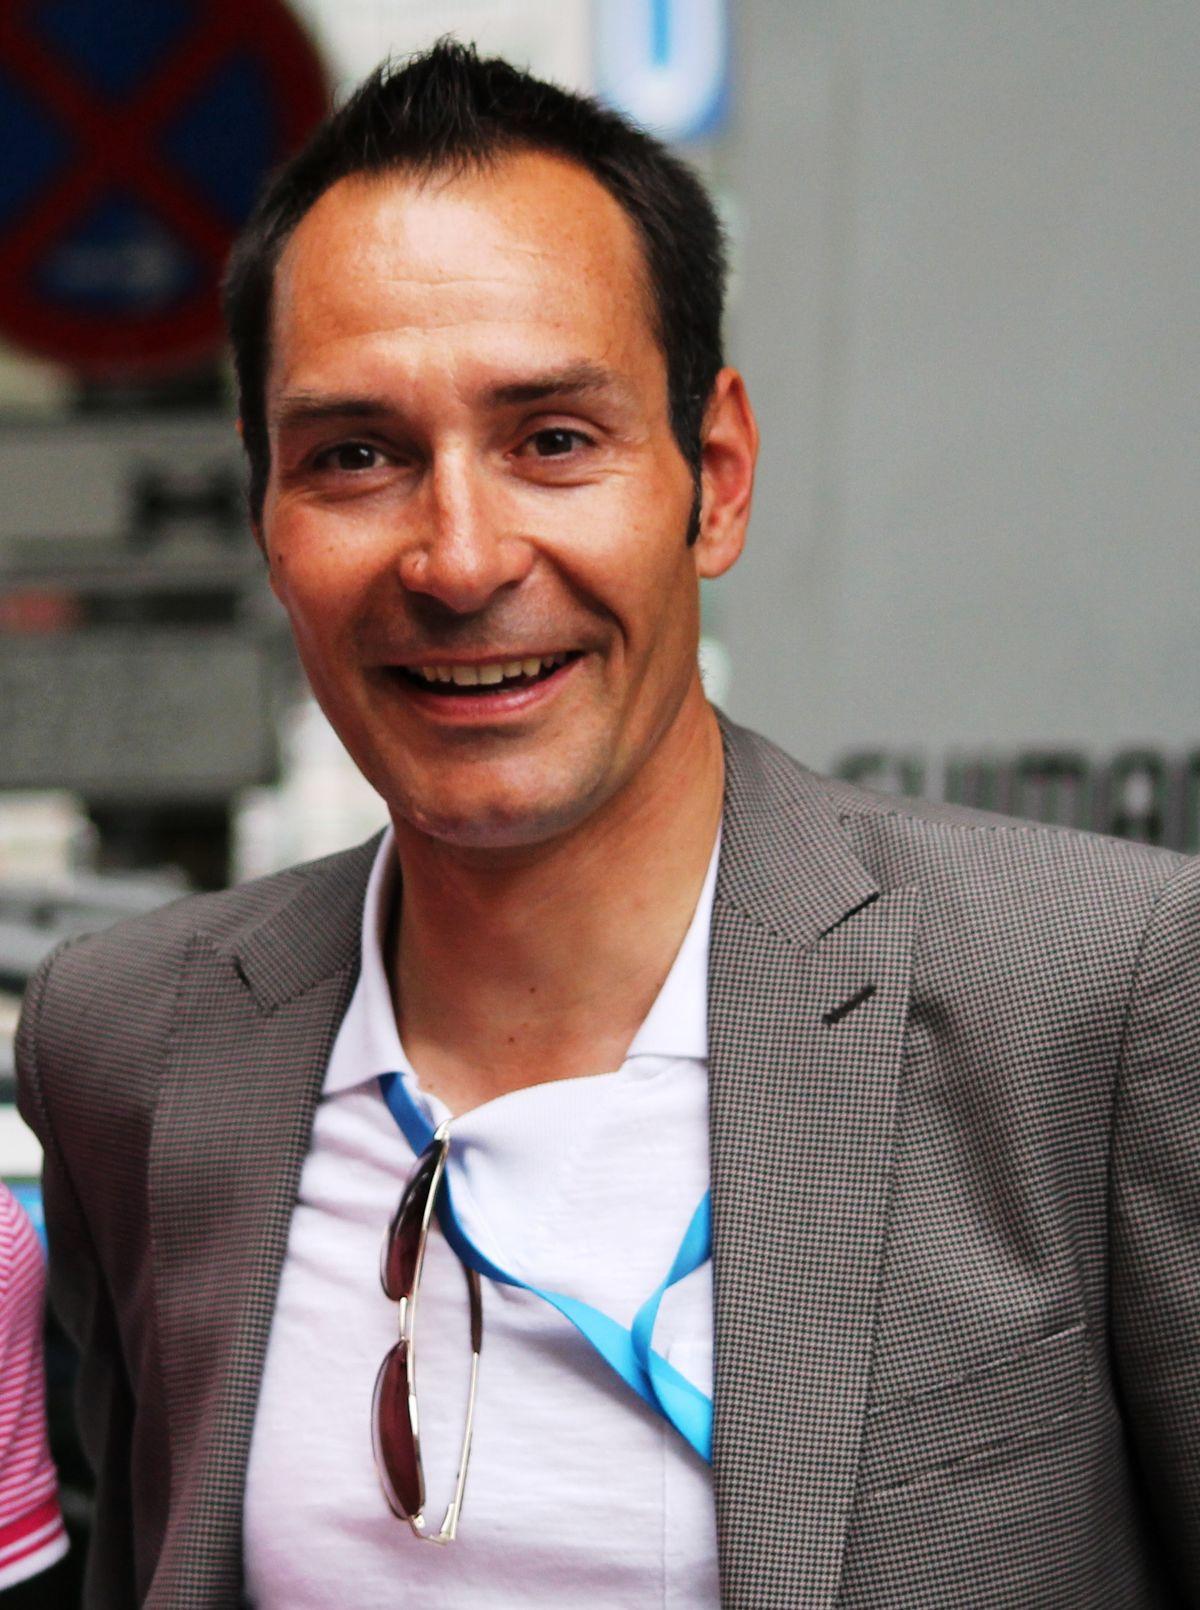 Erik Zabel net worth